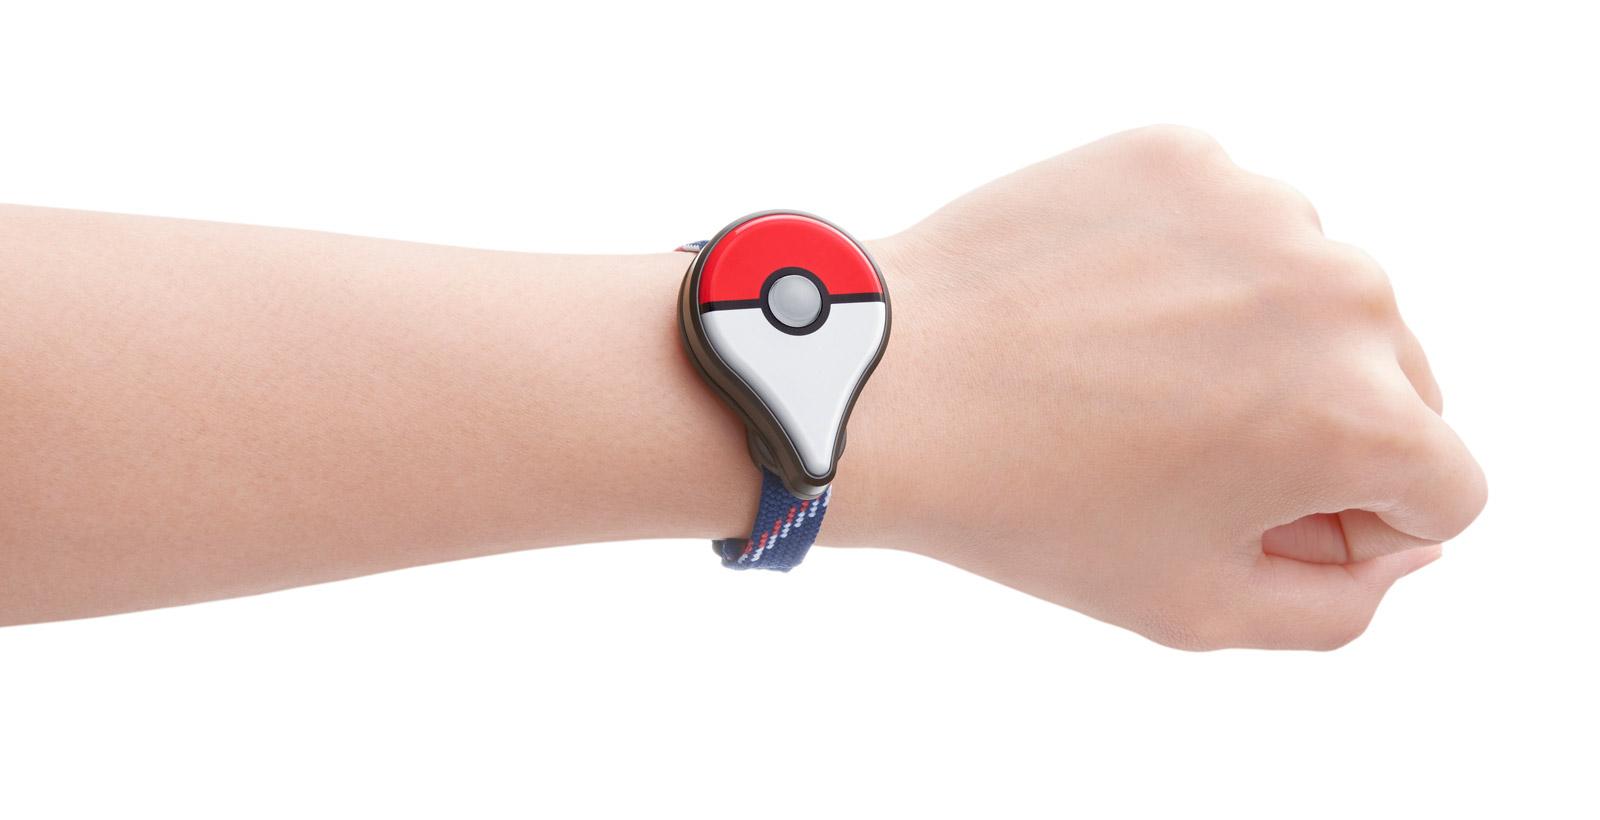 C'est l'heure de… euh… Pokémon?